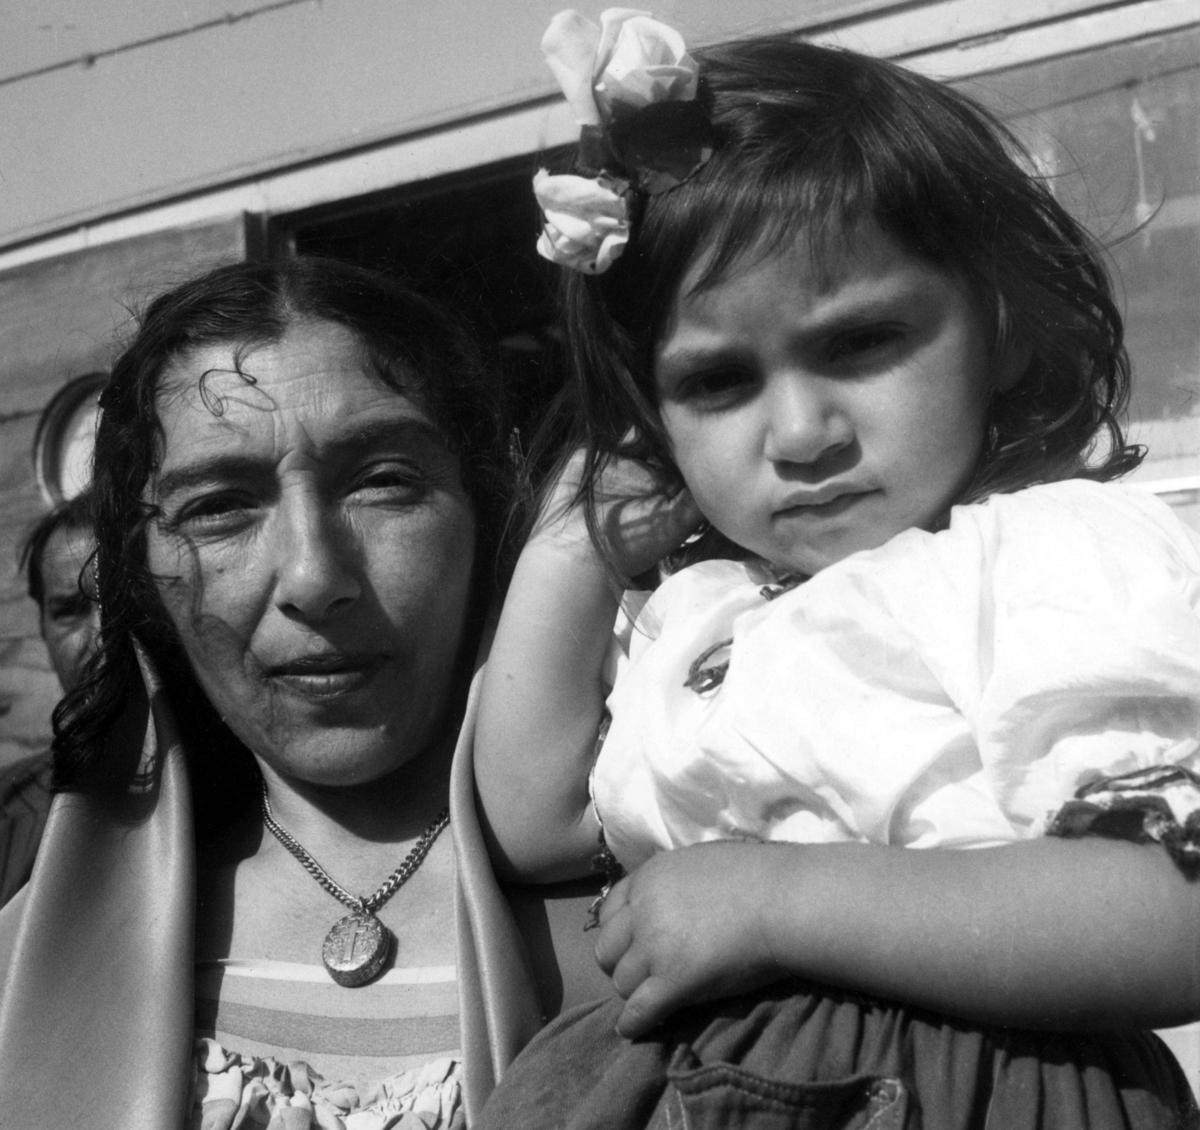 Romsk kvinna håller ett barn i famnen. Toleransen för romer har historiskt varierat mycket mellan olika samhällen, men romers närvaro har sällan setts som något positivt. Ofta fick man slå sig ned i samhällets utkant, man har förvägrats fast bostad och fördrivits. Efter att de svenska romerna i Sverige erkändes som medborgare år 1952 uppstod debatt kring gruppens svåra levnadsförhållanden. En statlig utredning genomfördes under 1954-1956 där en av slutsatserna blev att fast bostad var nyckeln till att lyckas med skolgång och arbetsliv. Från och med mars 1960 hade möjlighet att rekvirera statsbidrag för kostnader i samband med romers bosättning, vilket förenklade möjligheten för svenska romer att få tillgång till permantenta bostäder samt i förlängningen studier och arbete.